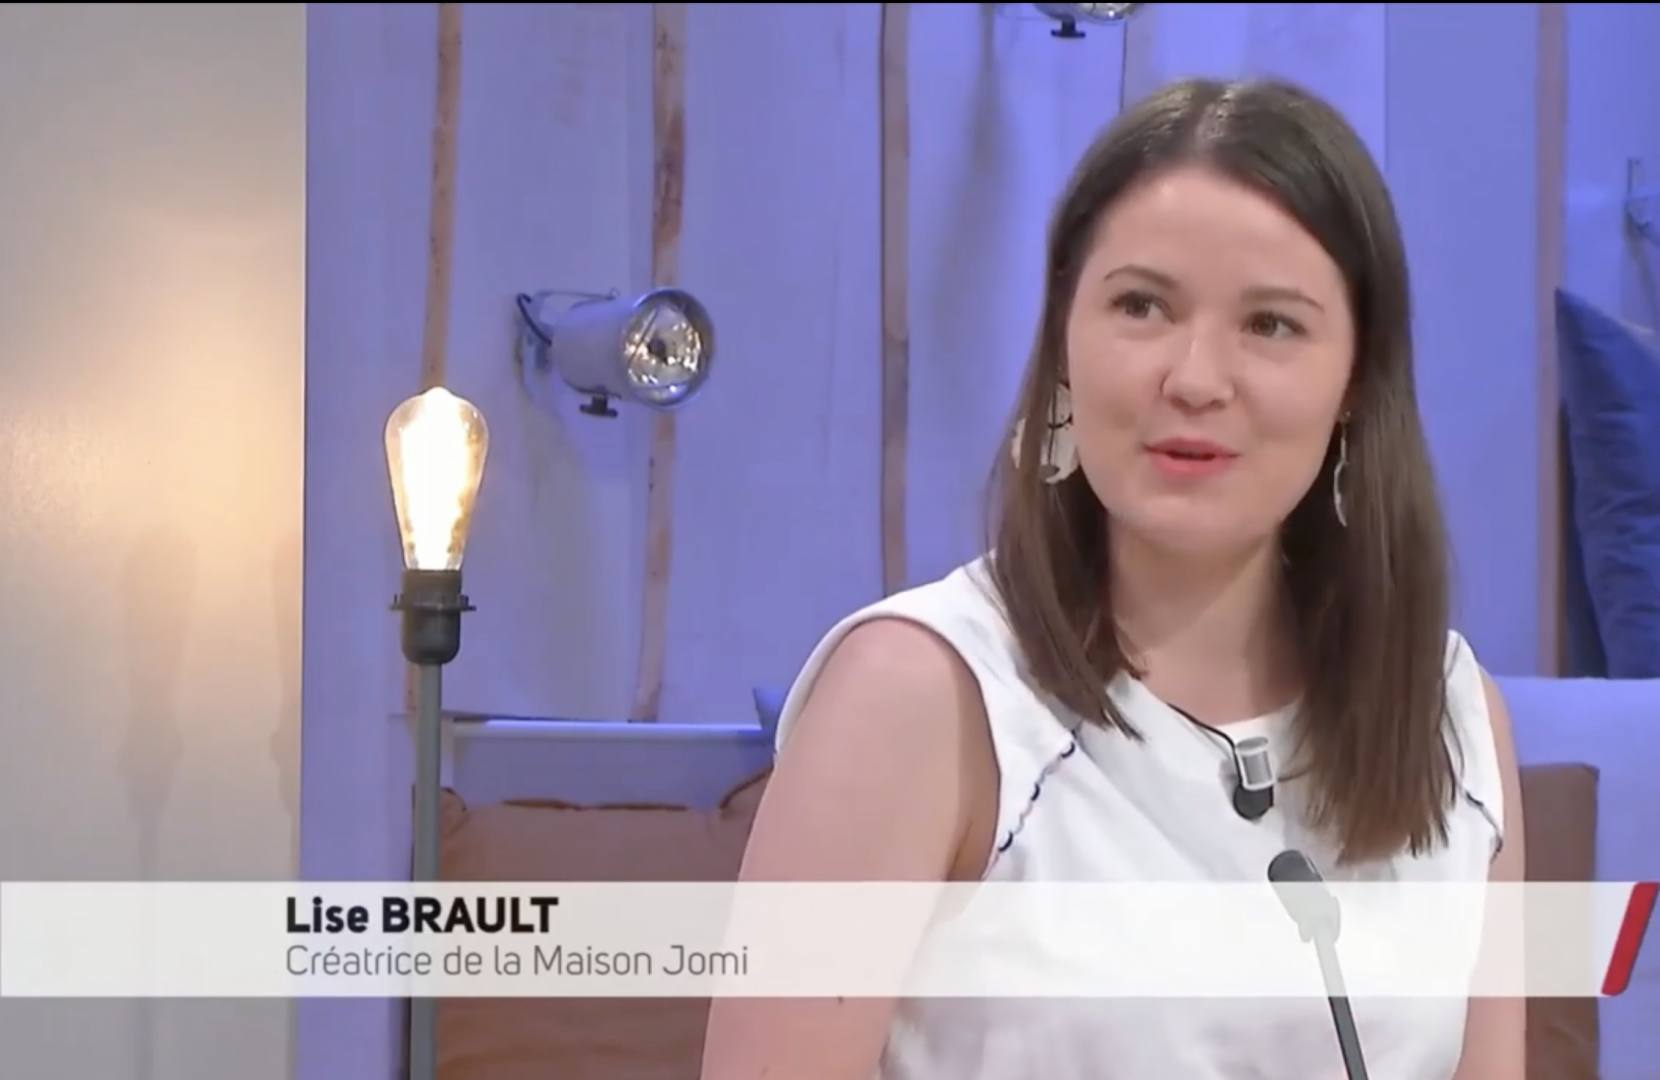 Lise Brault